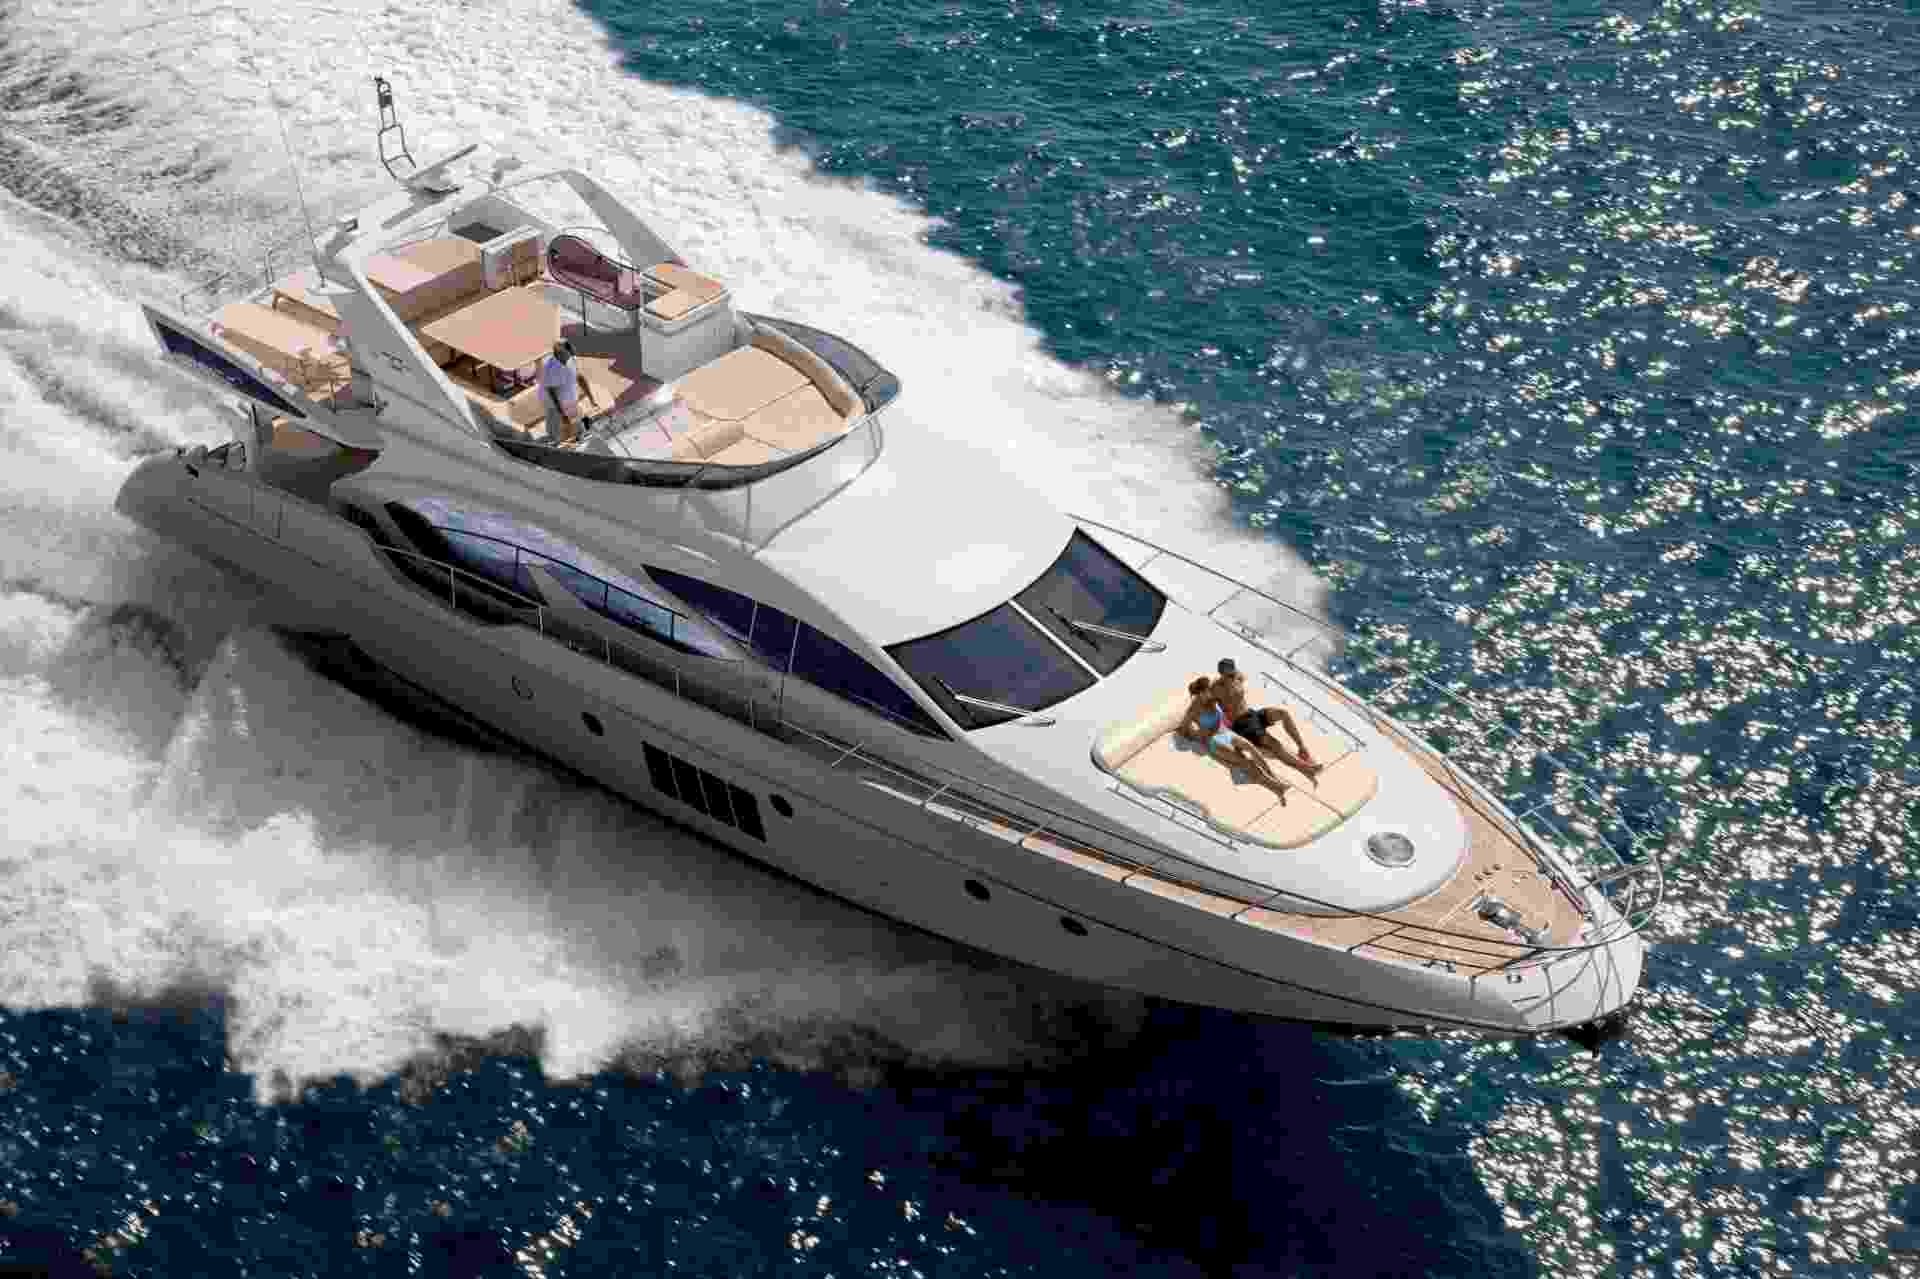 Iate Azimut 70 com decoração assinada pela marca italiana Armani, da Azimut Yachts - Divulgação